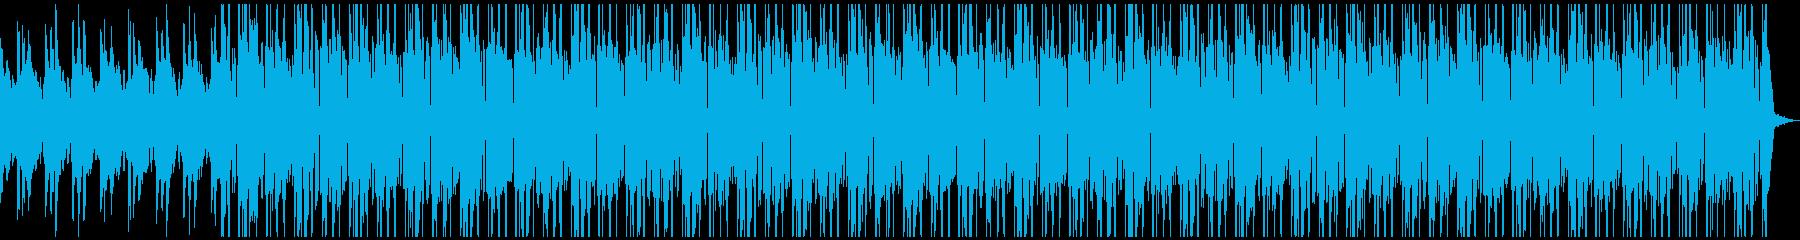 パーティー気分!!4(爽快ブルース)の再生済みの波形